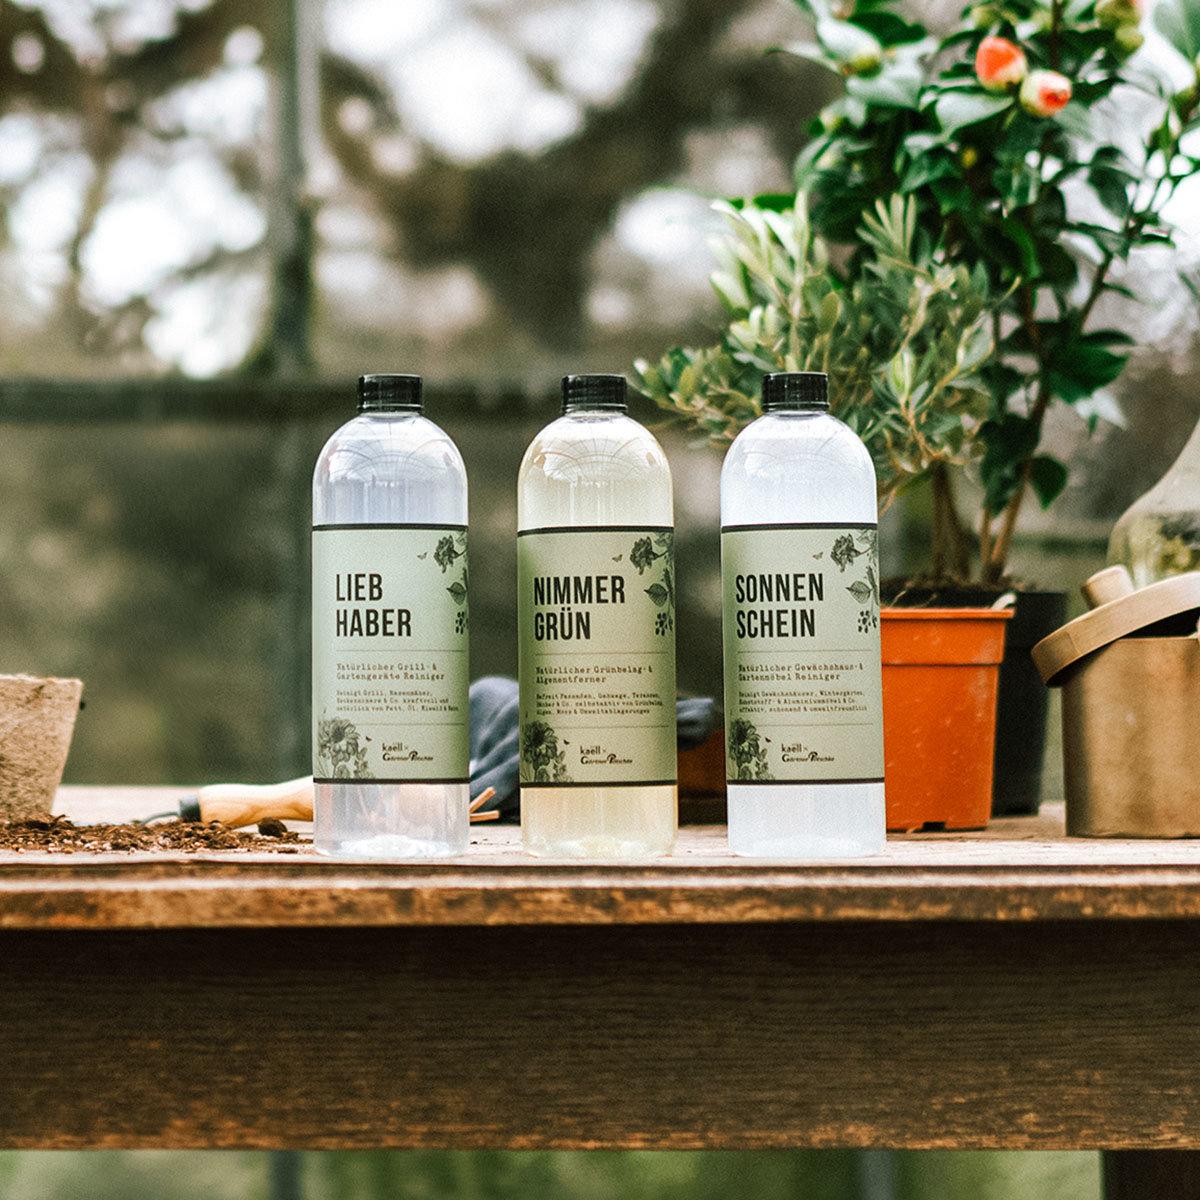 Natürliches Grill- und Gartengerätereiniger-Konzentrat Liebhaber, 750 ml | #5